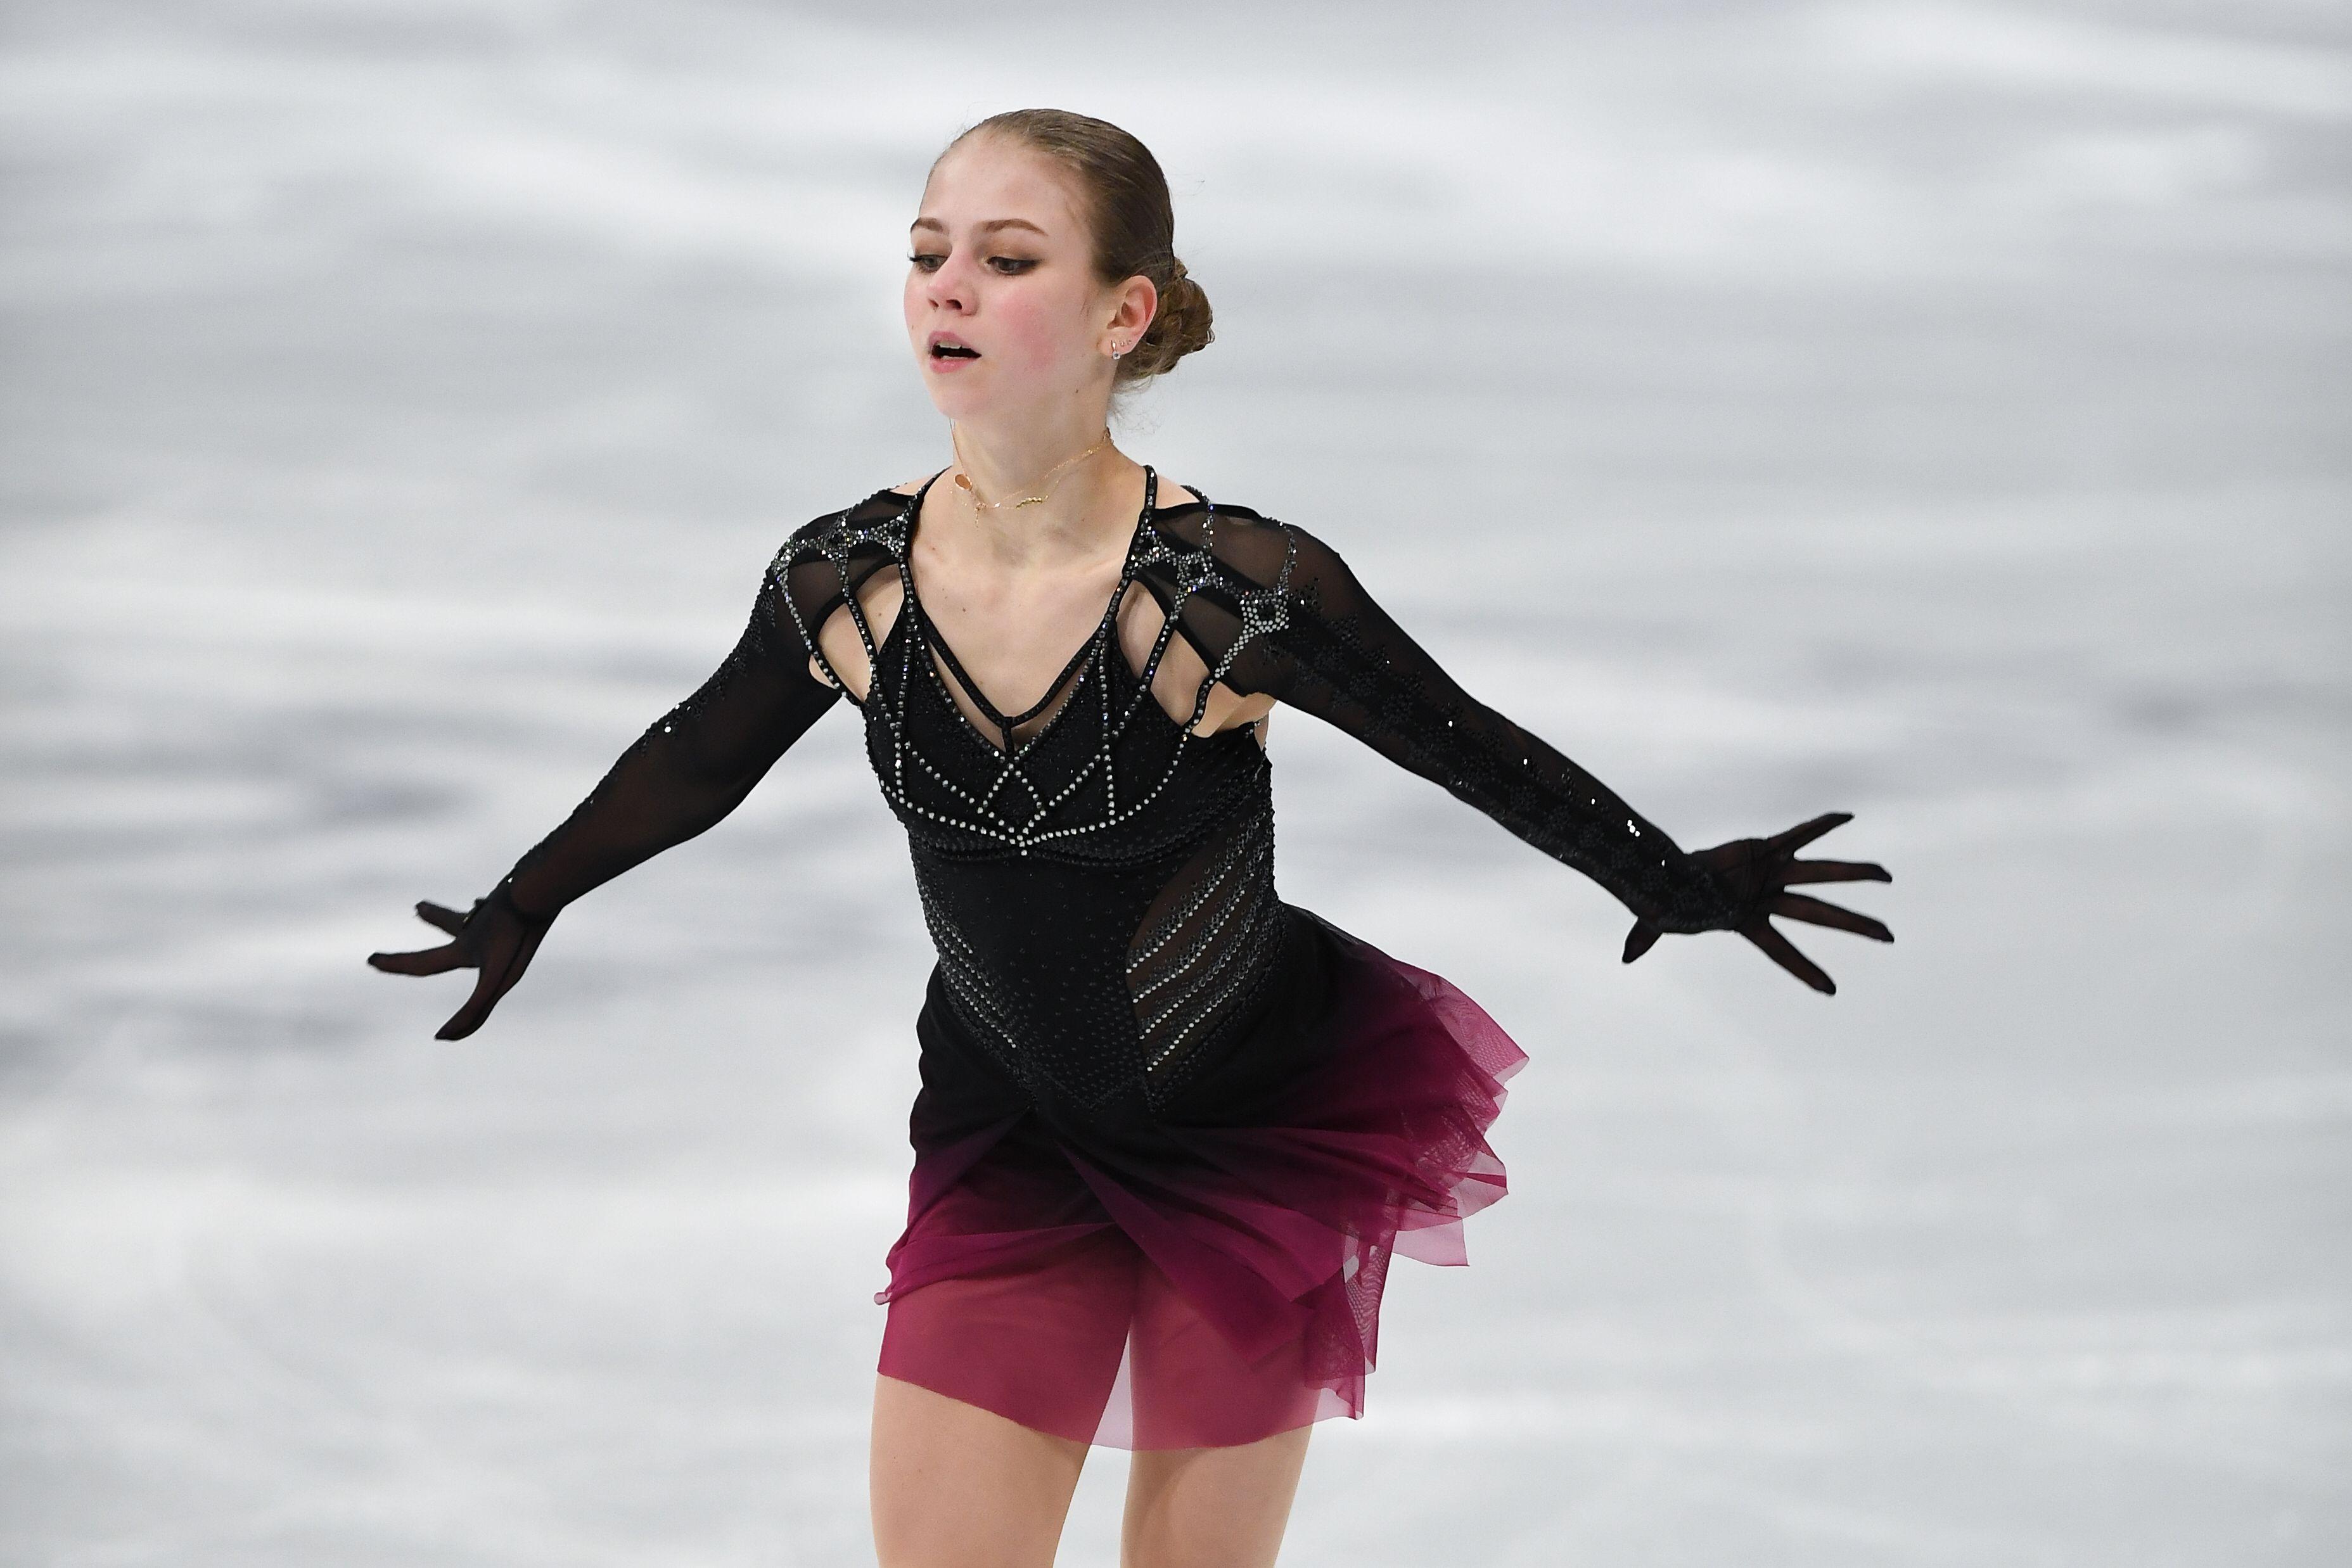 Трусова рассказала, с какими трудностями столкнулась на ЧМ в Стокгольме